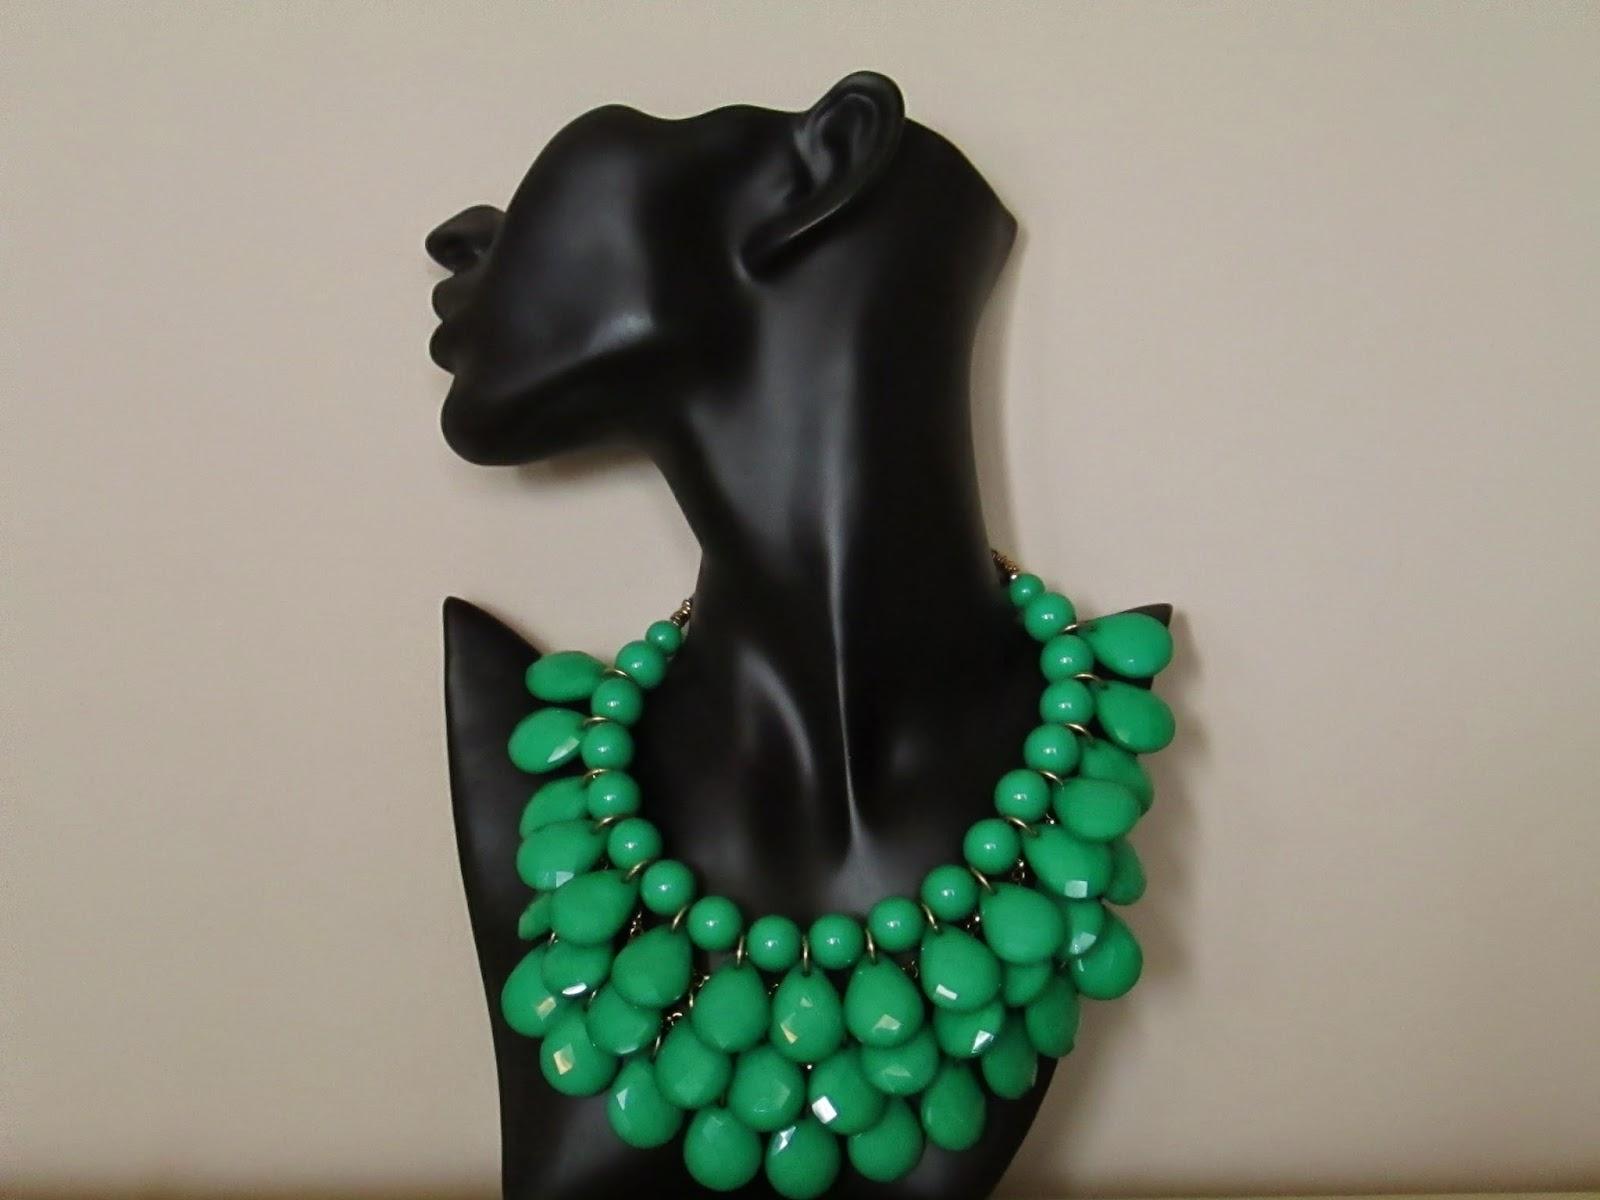 Esta es mi propuesta para esta semana; es un collar multicapas con lágrimas  de material acrílico en color verde esmeralda. 14.95\u20ac